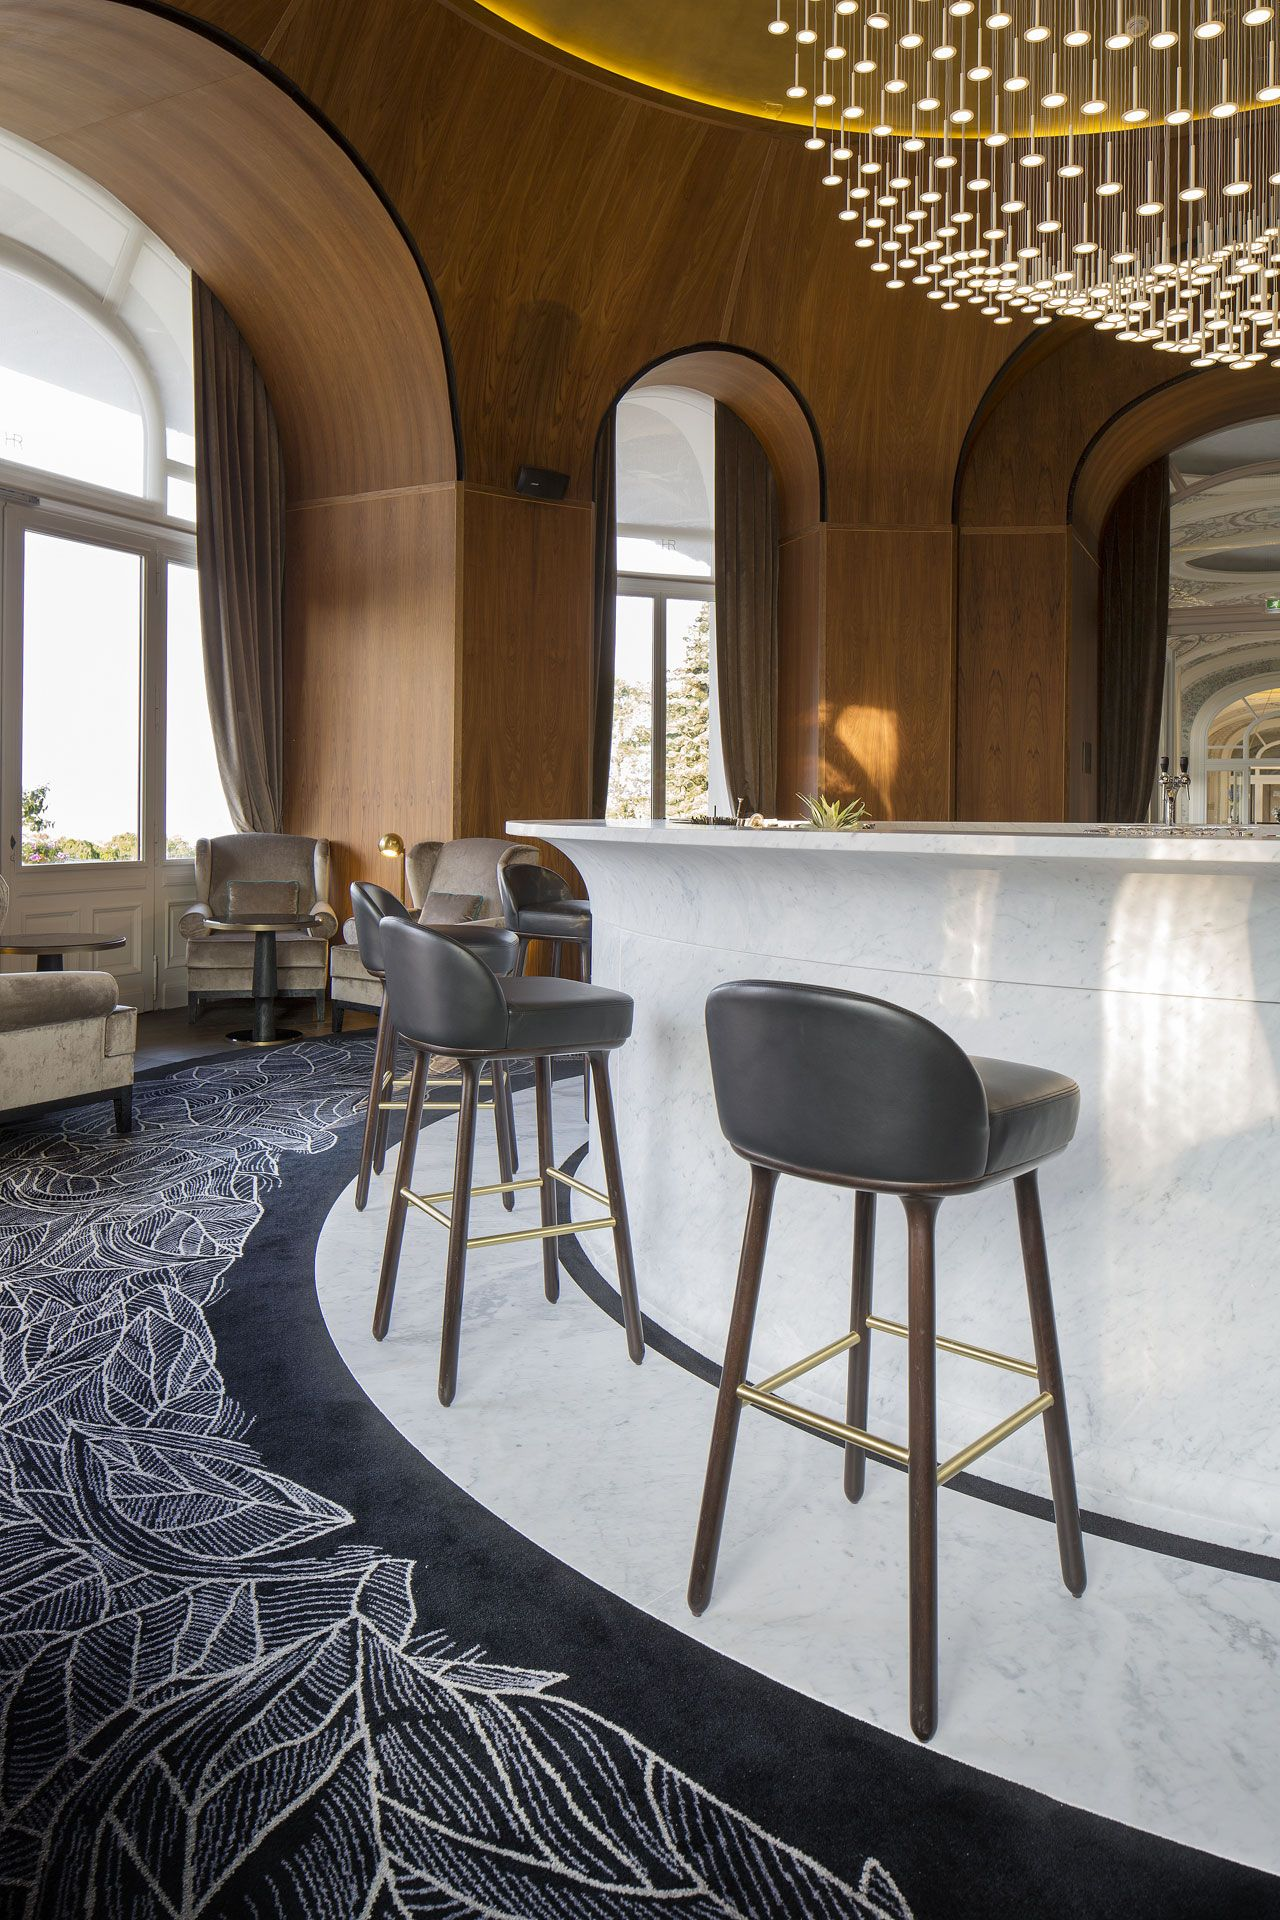 A royal weekend at vian les bains hotel royal palace - Hotel royal evian les bains ...